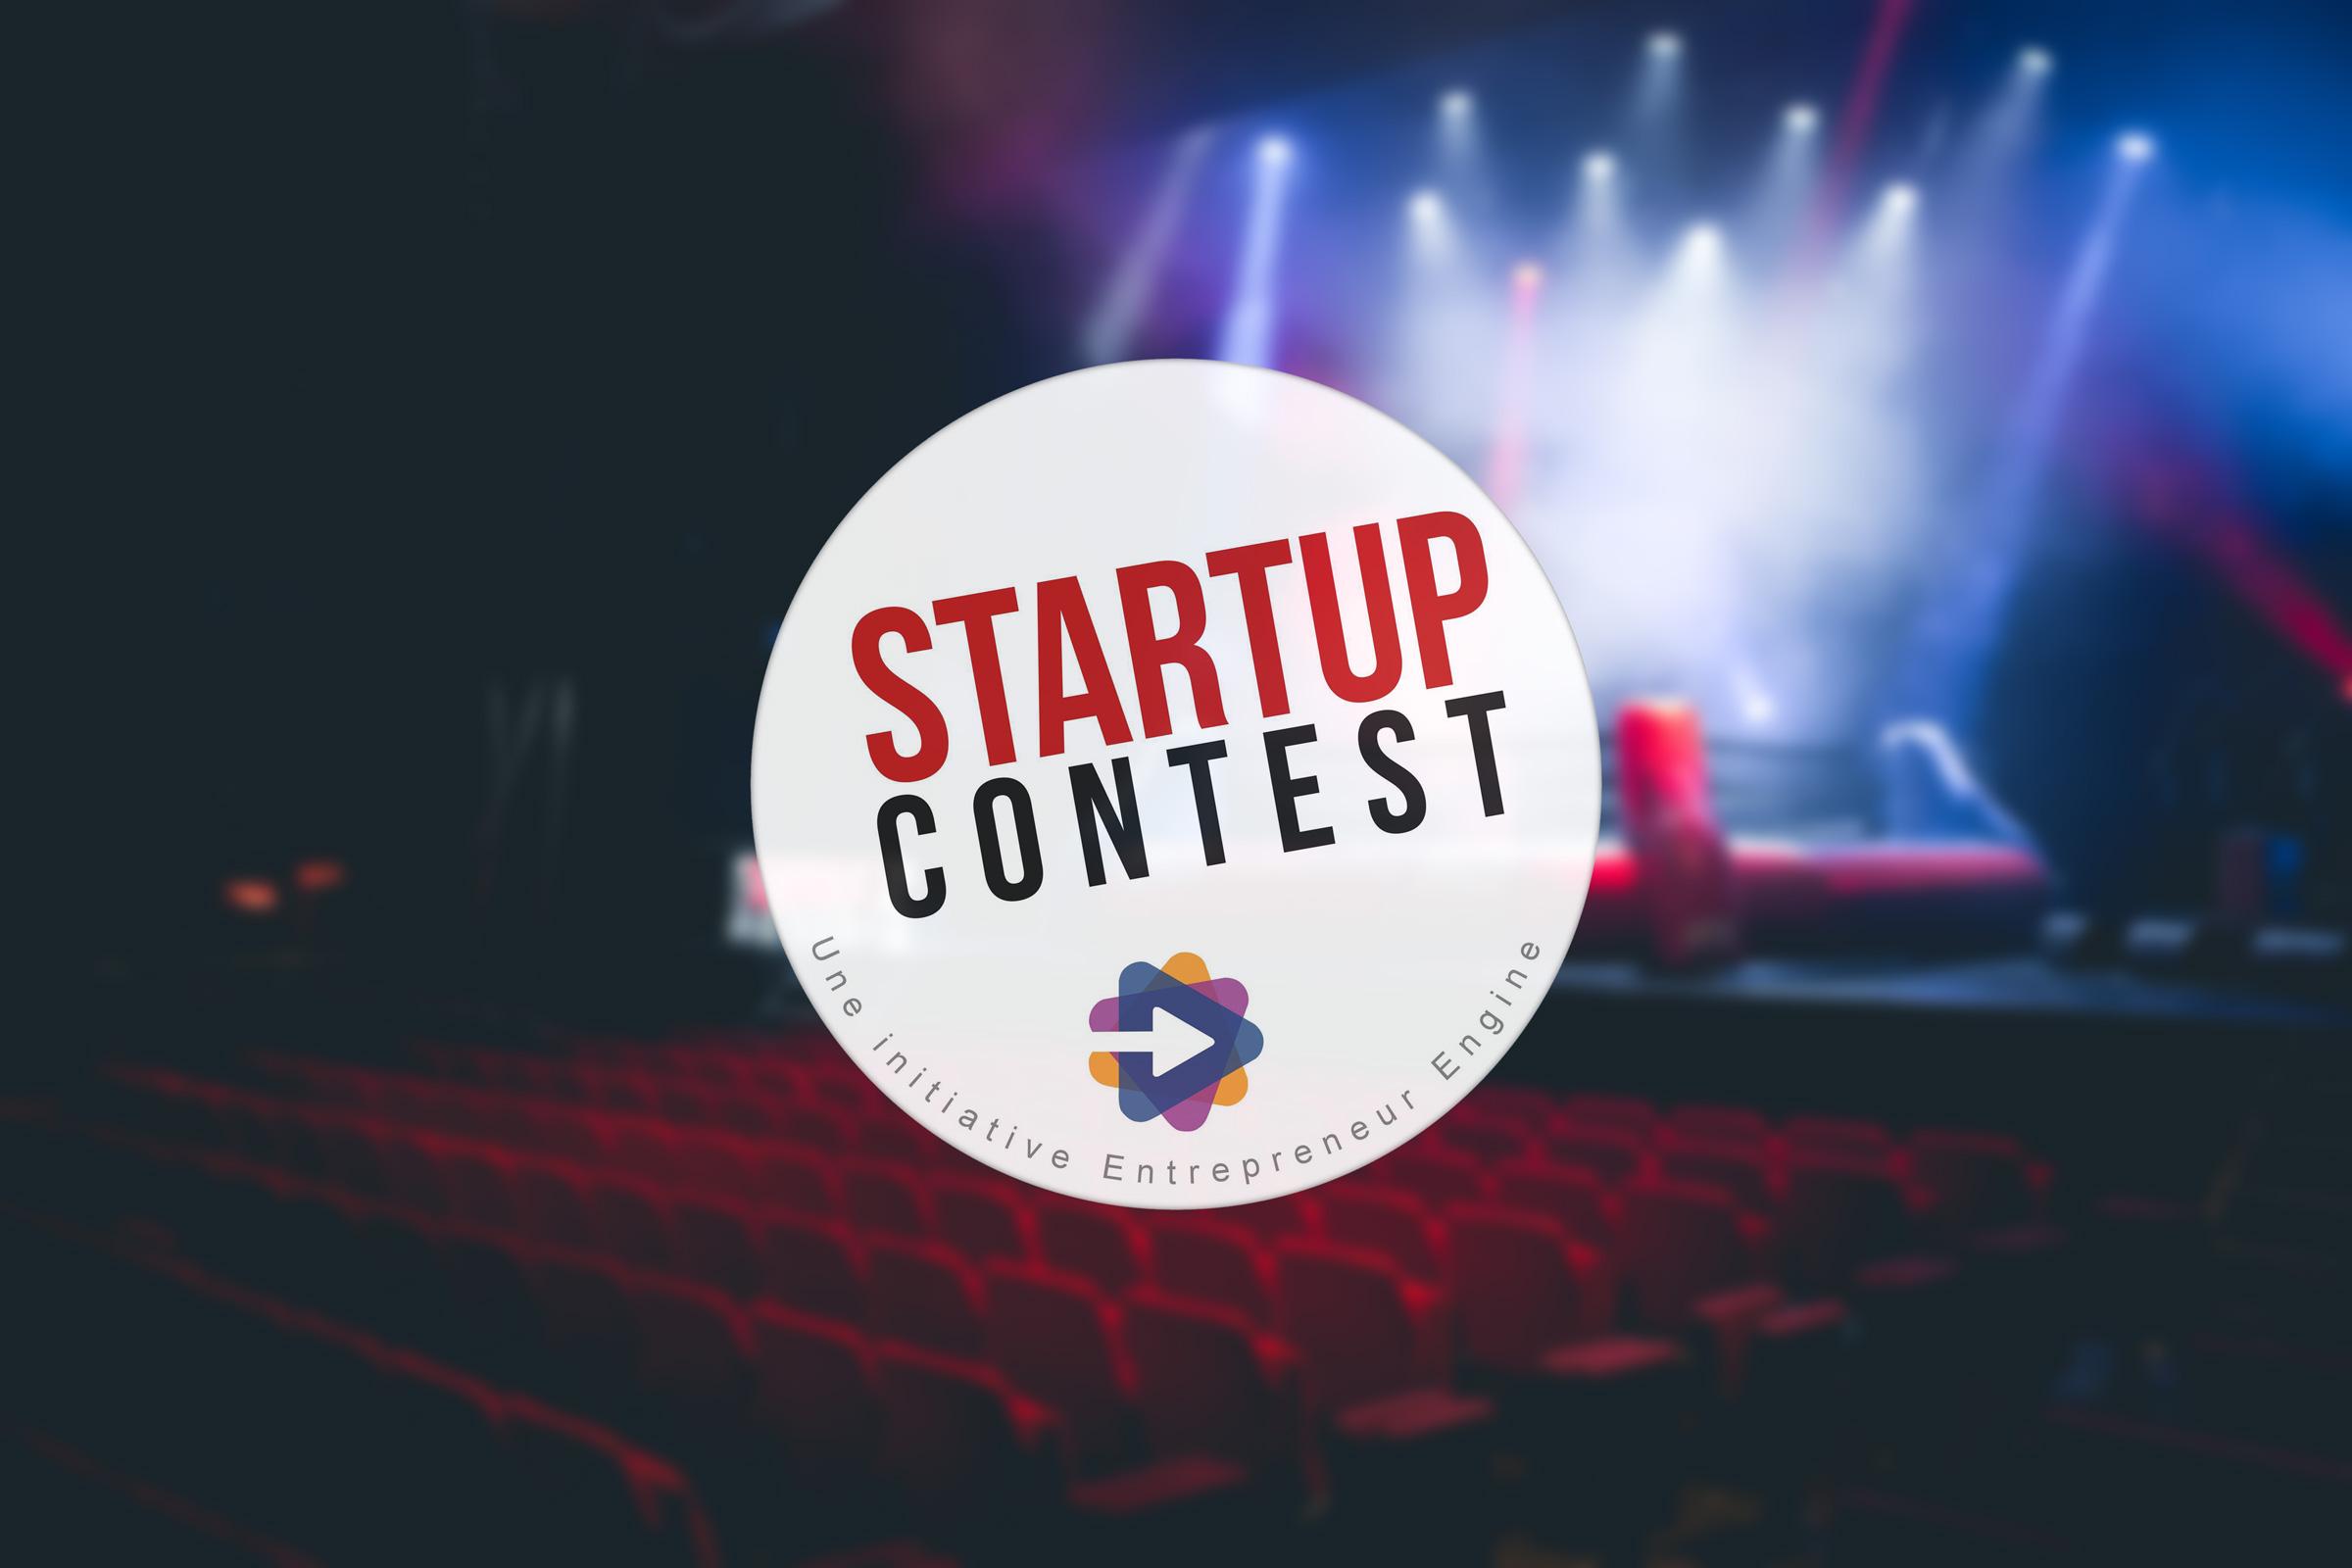 photographie événementiel designatic startup contest entrepreneur engine